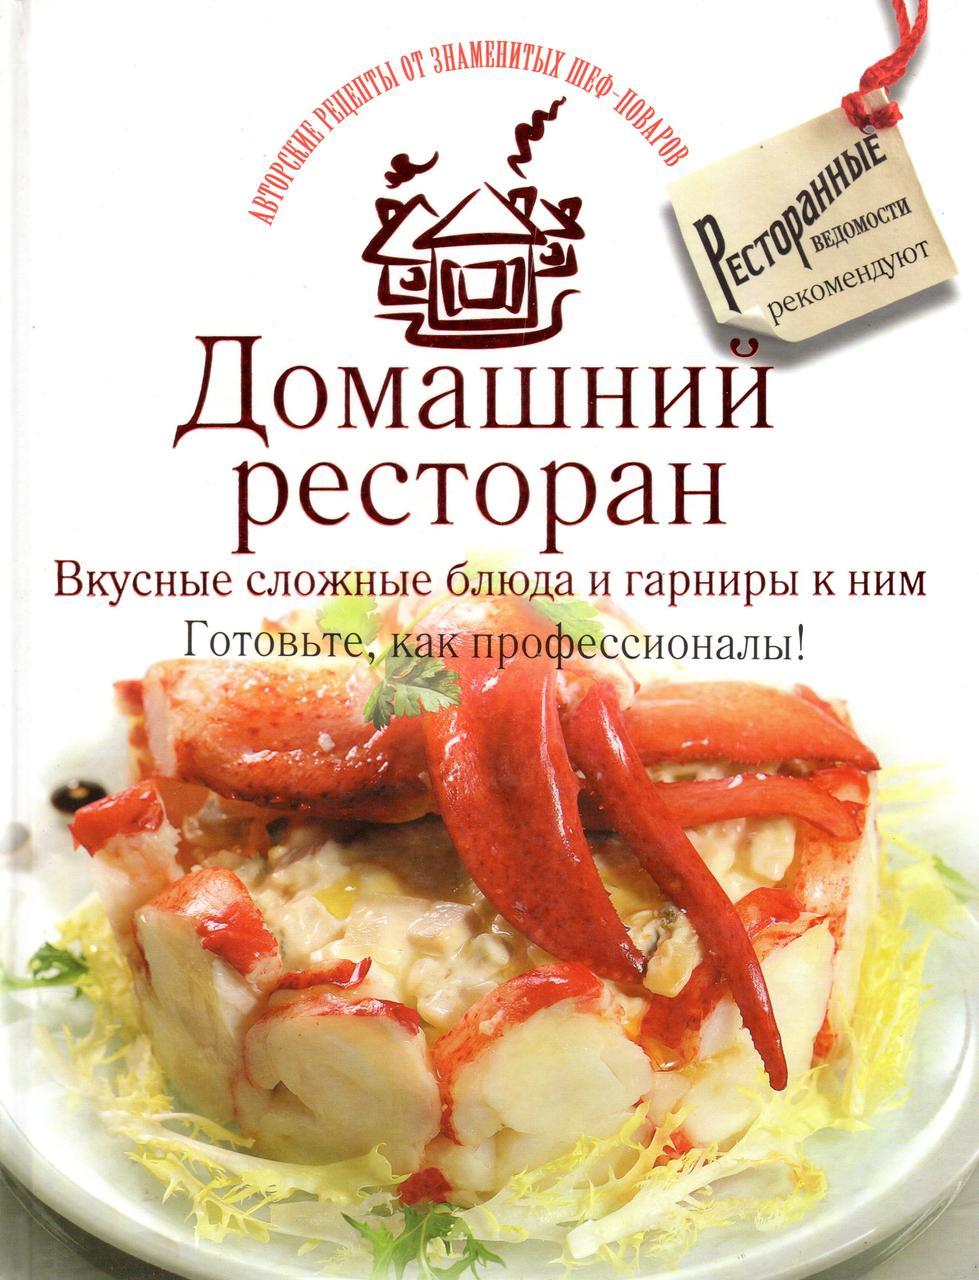 Домашний ресторан. Вкусные сложные блюда и гарниры к ним. Готовьте, как профессионалы! Ресторанные ведомости